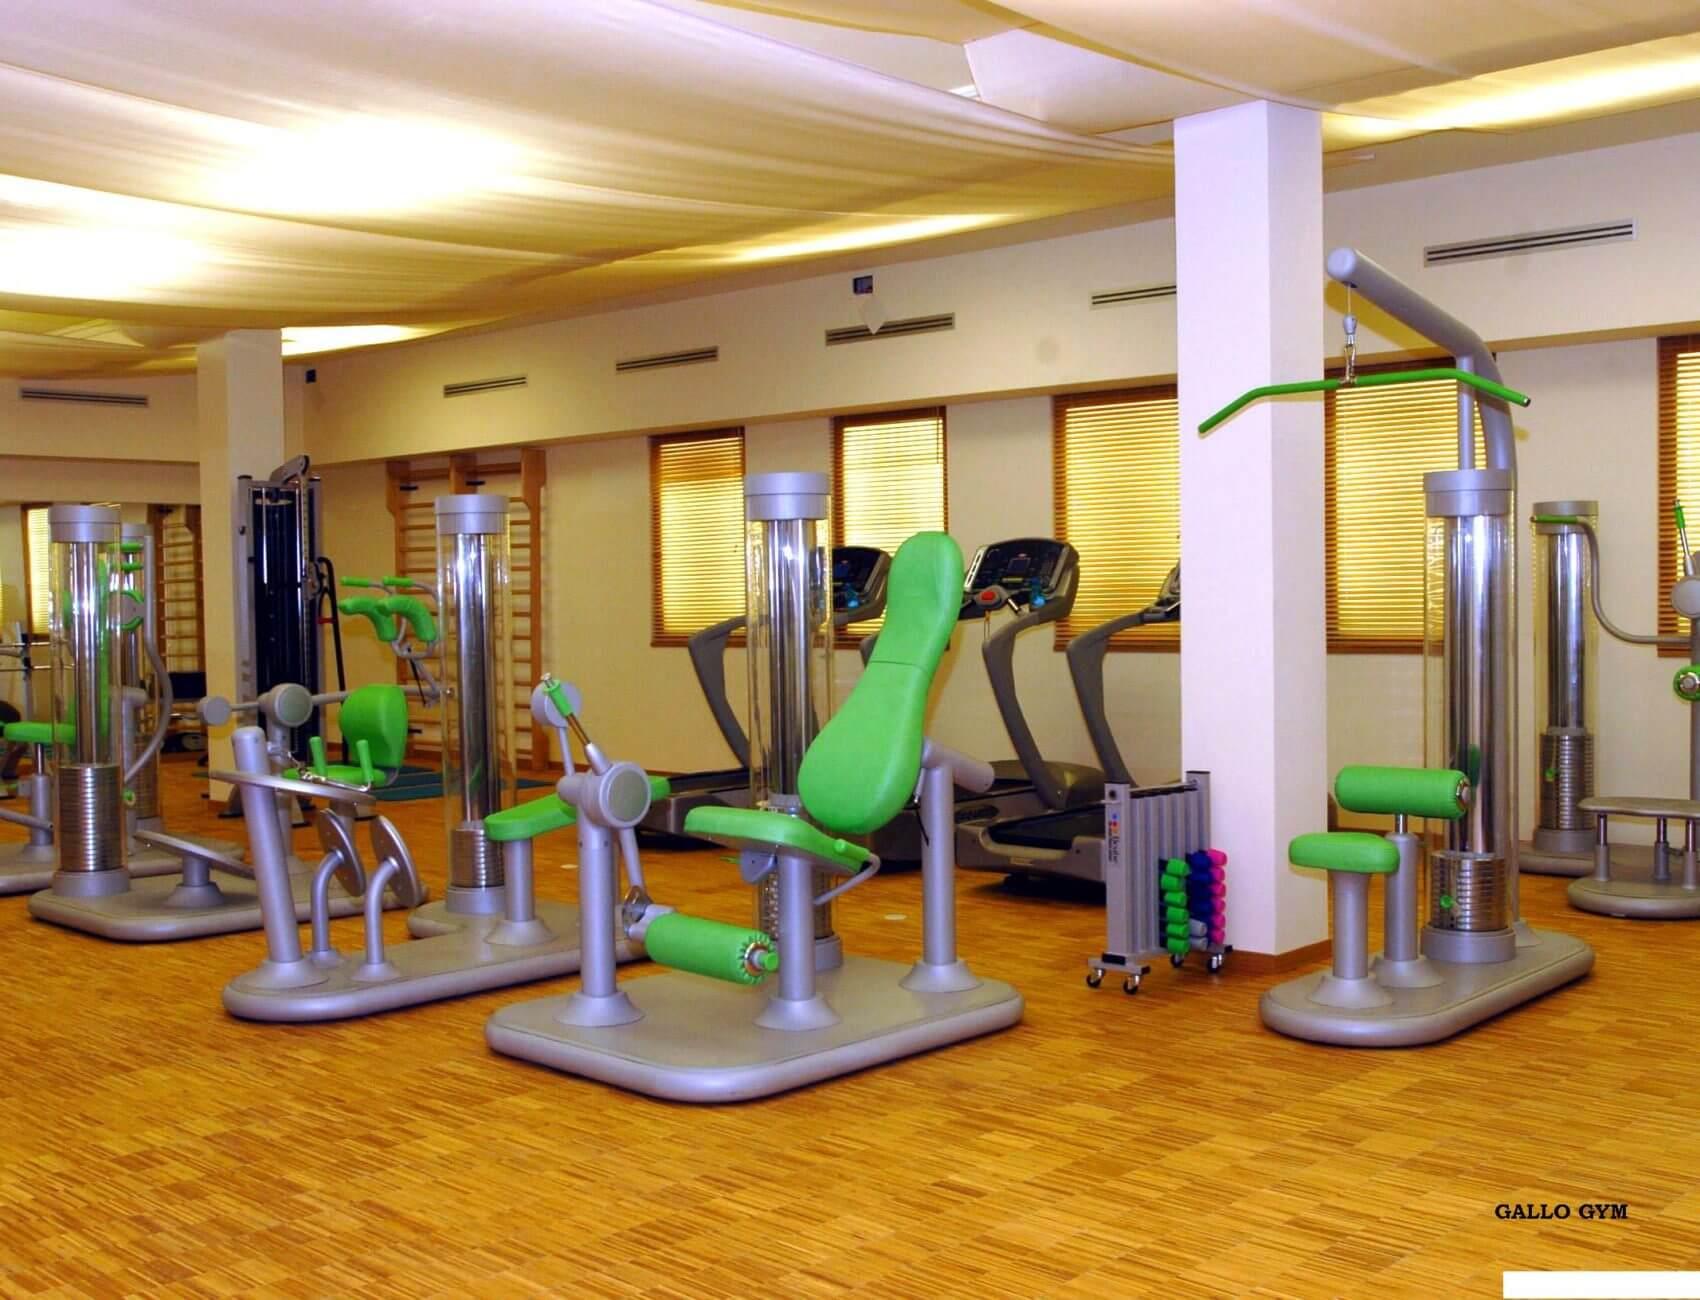 Galerie echipamente fitness 2011 - 11